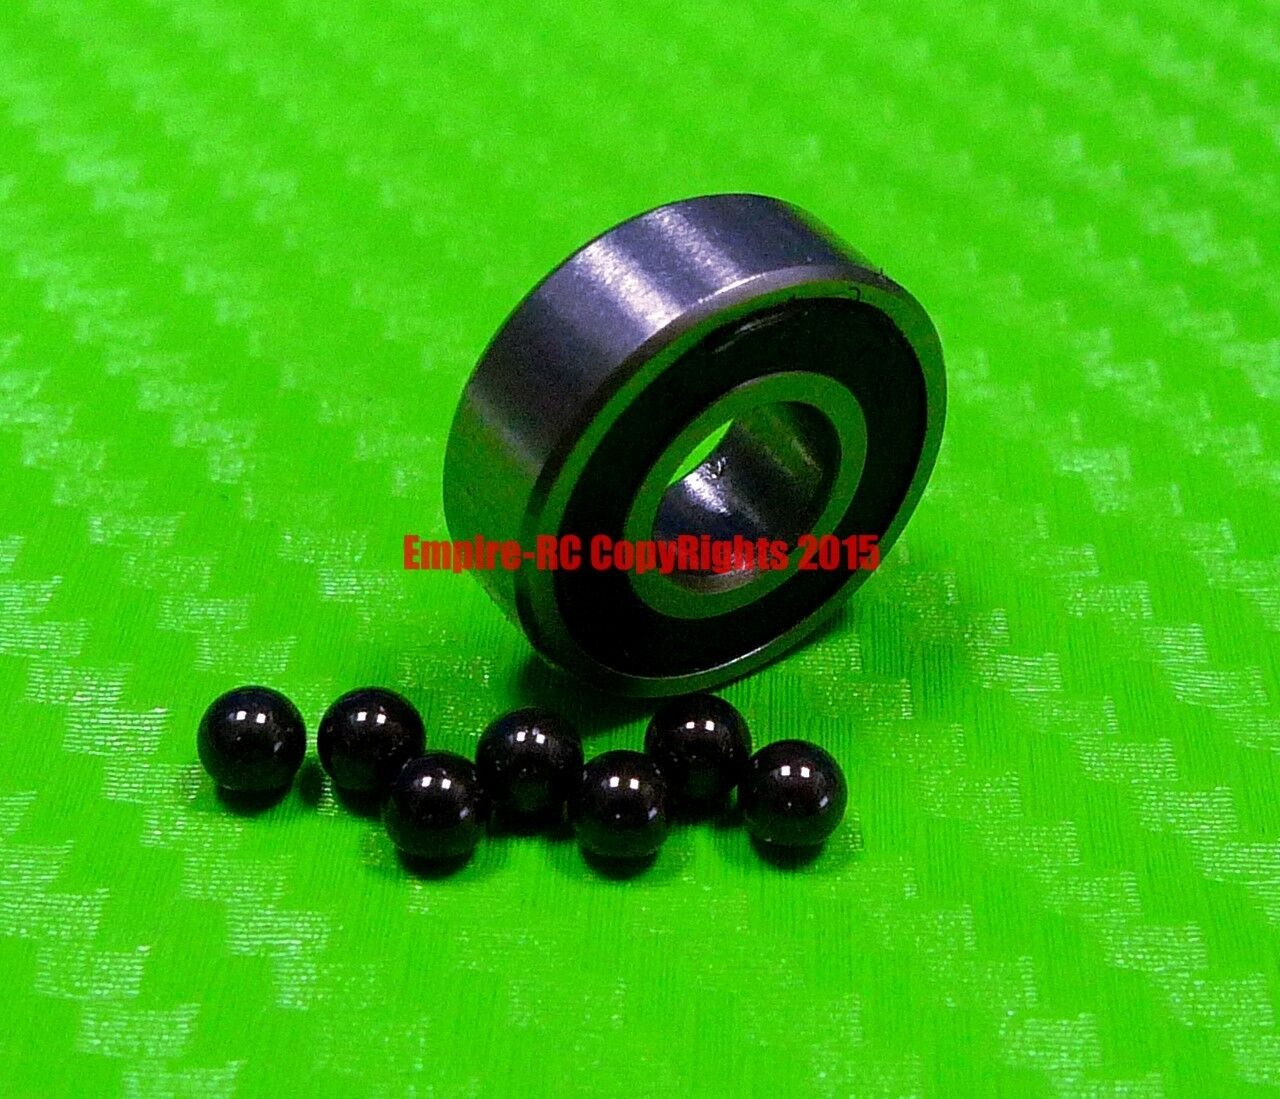 [QTY 10] (3x10x4 mm) 623-2RS HYBRID CERAMIC Si3N4 Ball Bearing Bearings 623RS